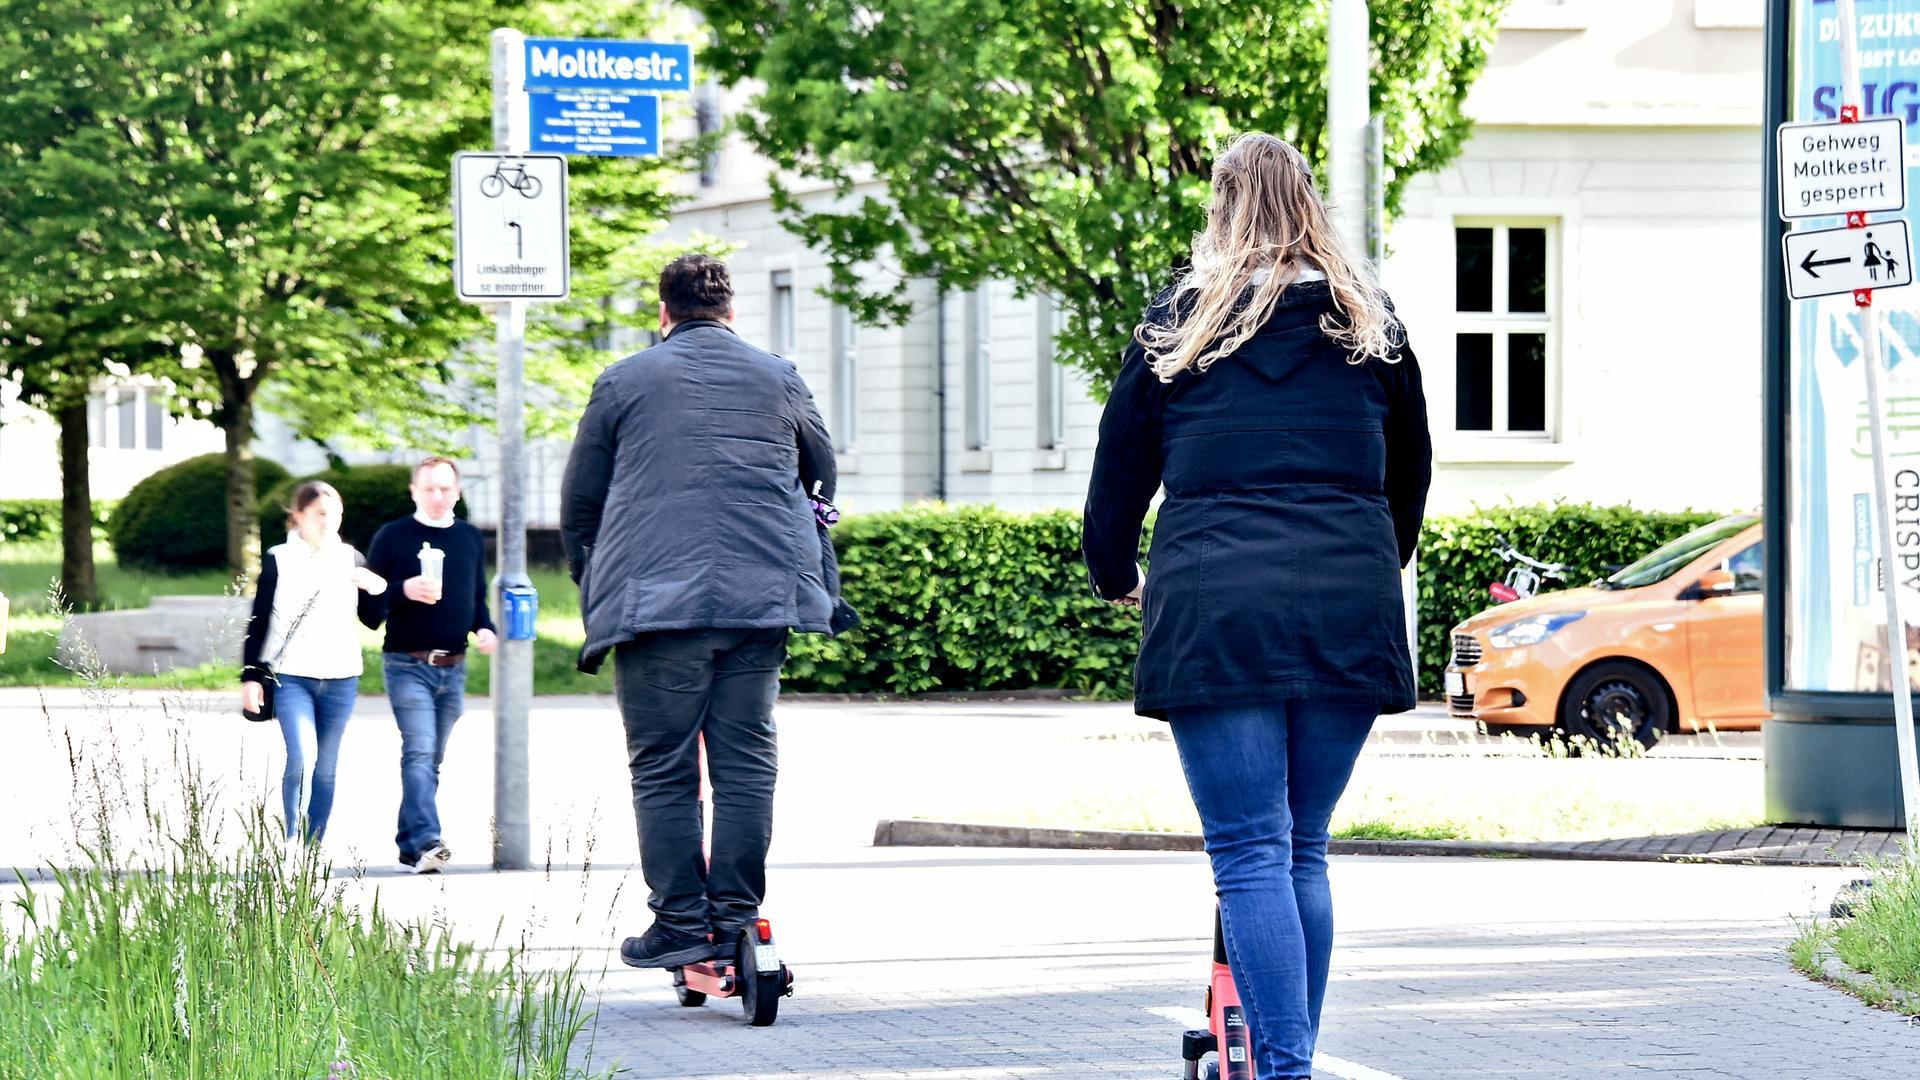 Stehend und rollend durch die Stadt: Die Zahl der Nutzer von E-Scootern hat sich teils deutlich erhöht, die Anbieter führen das auch auf die Auswirkungen der Pandemie zurück.